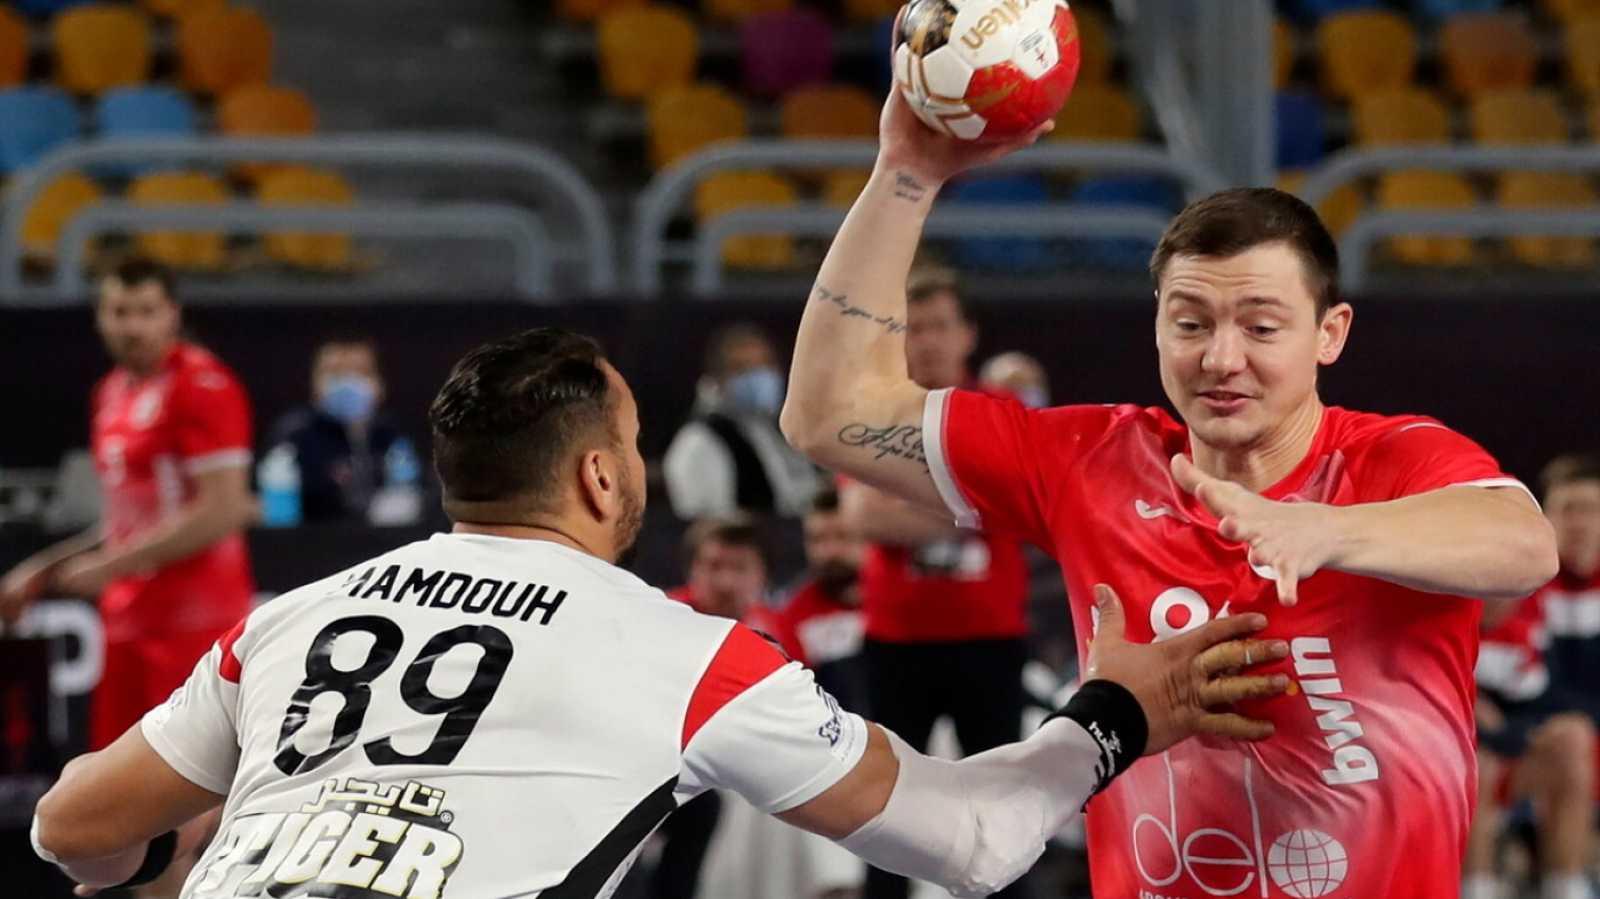 Balonmano - Campeonato del Mundo masculino. 2ª fase: Rusia - Egipto - ver ahora